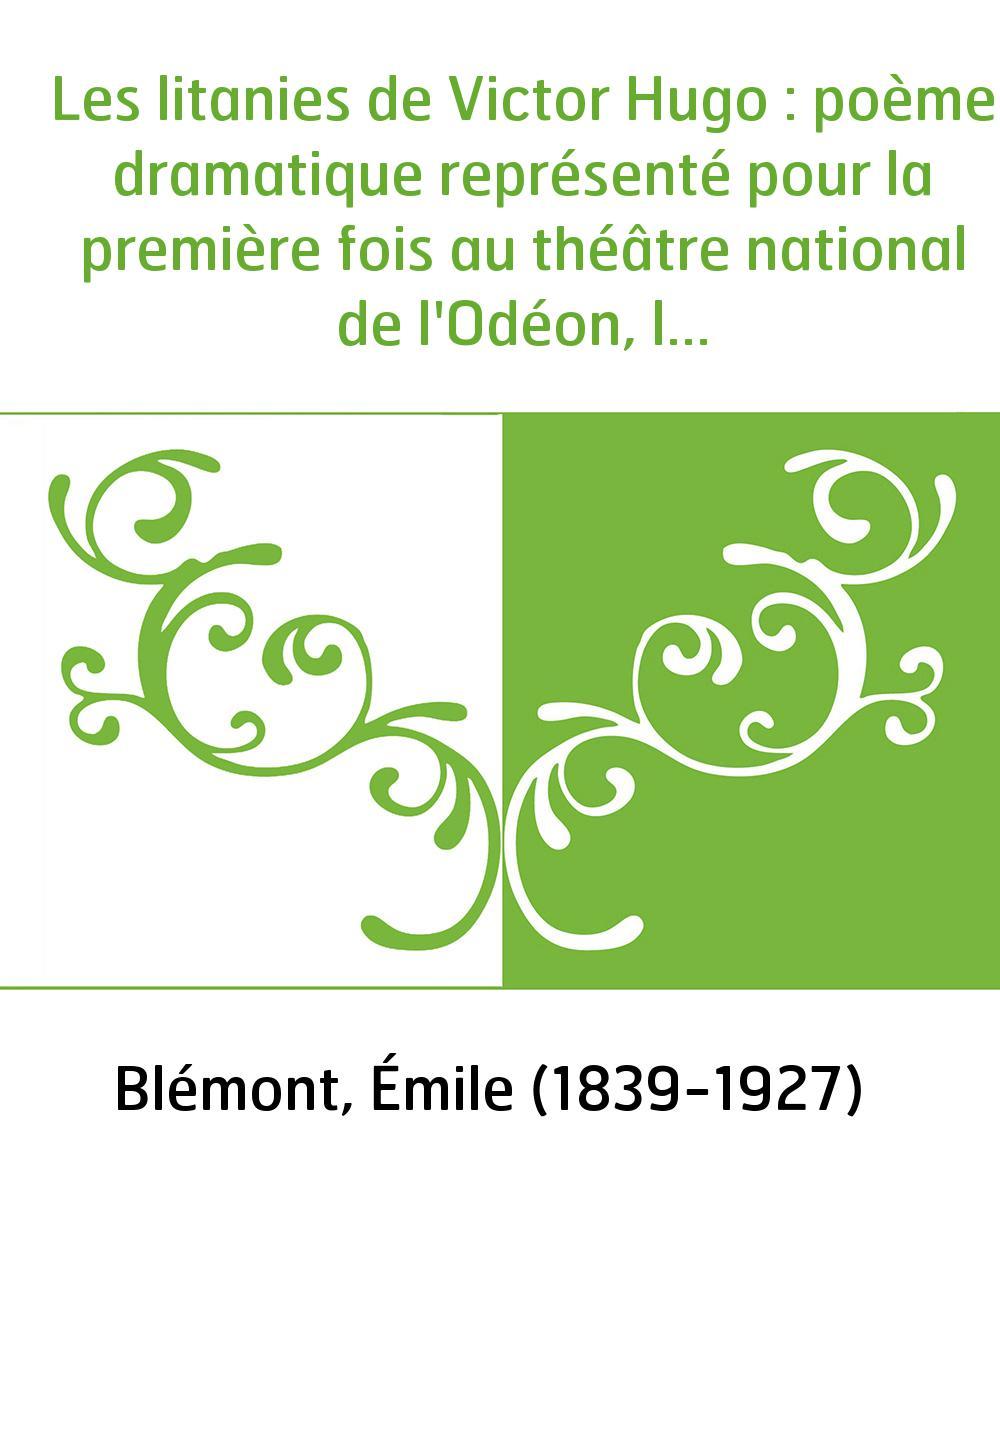 Les litanies de Victor Hugo : poème dramatique représenté pour la première fois au théâtre national de l'Odéon, le... 25 février